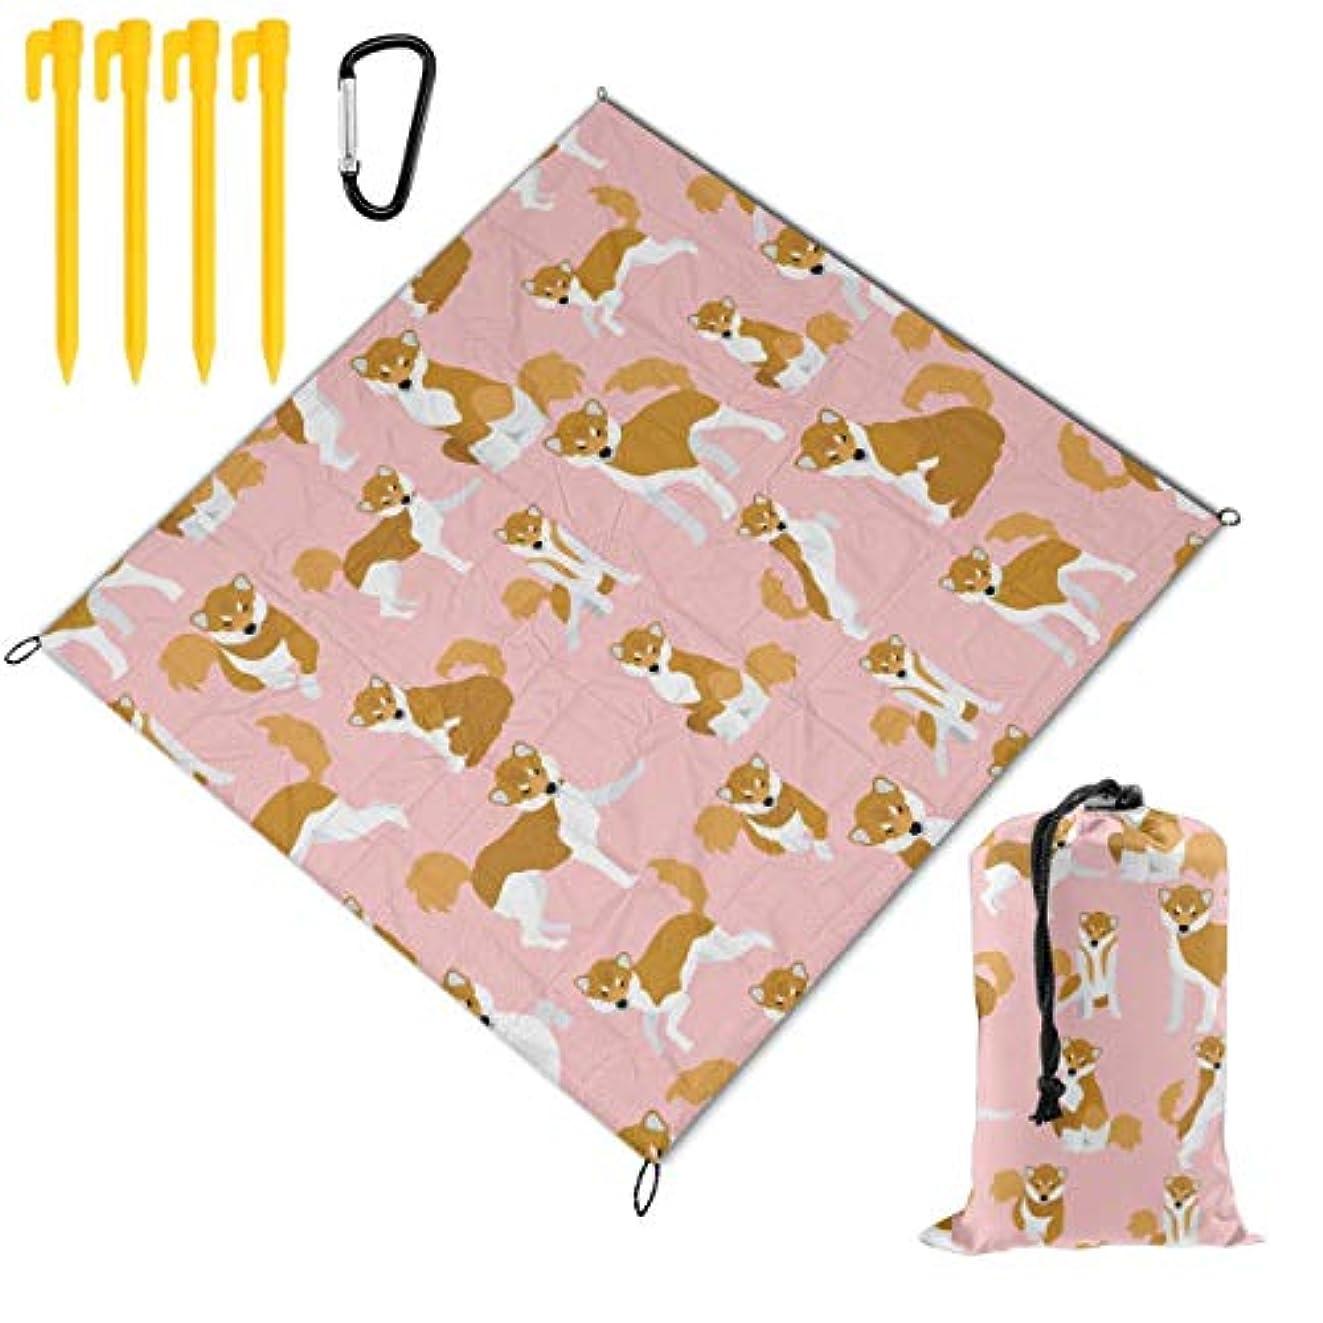 作物あえぎ連想柴犬 犬柄 総柄 折り畳めるピクニックマット 防水防湿パッド 公園マット キャンプマット 超軽くて便利な携帯用防水ピクニックマット 145x150cm